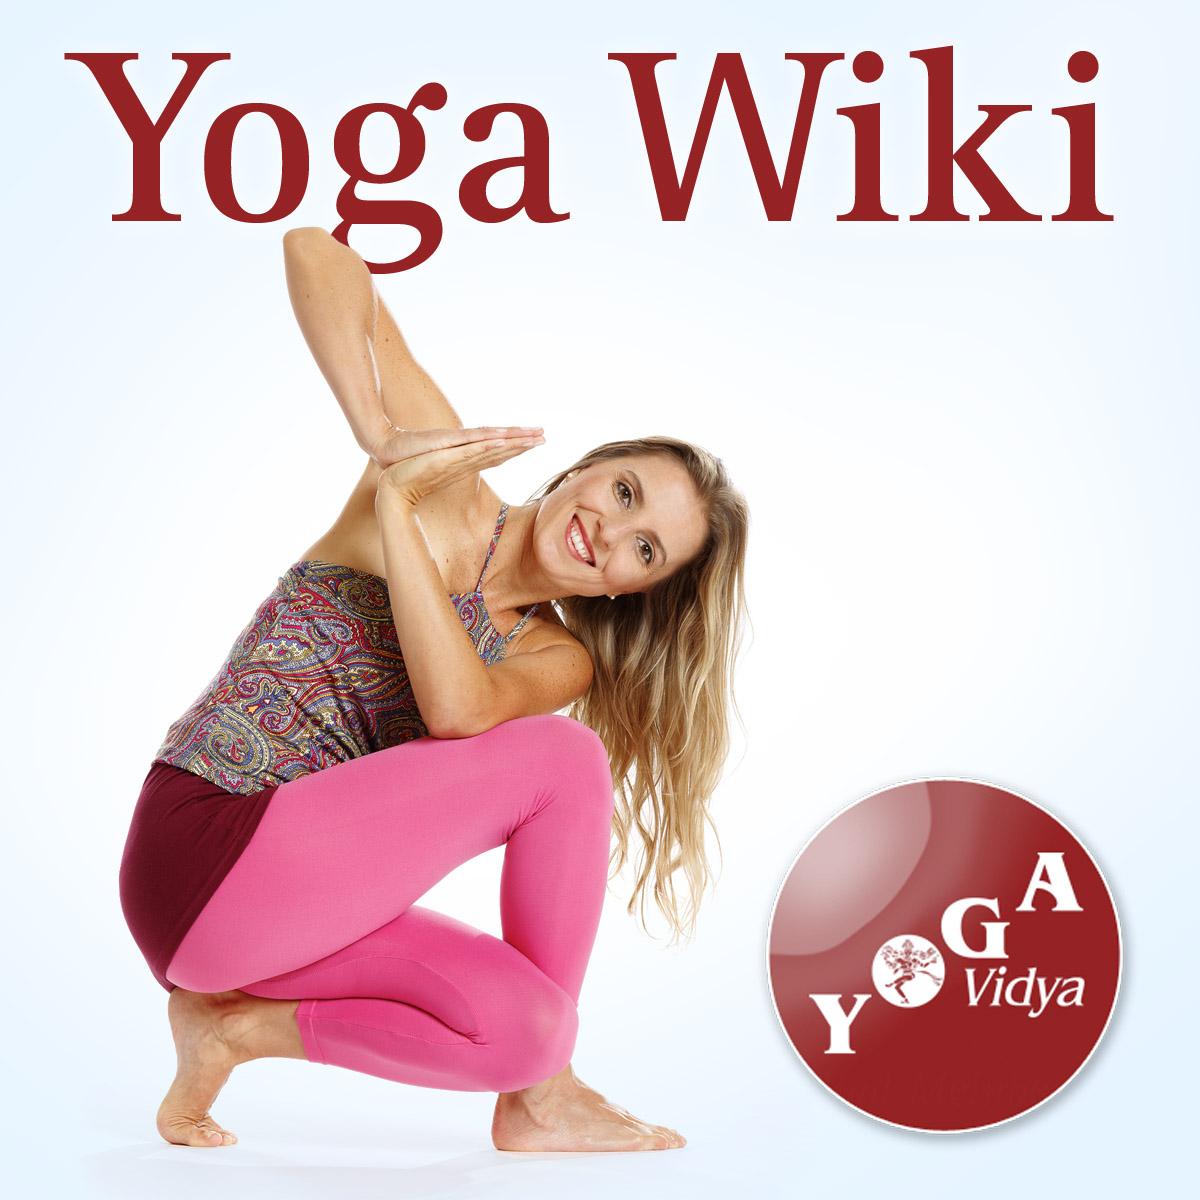 Yoga Wiki über endokrine Drüsen - Yoga Vidya Blog - Yoga, Meditation ...